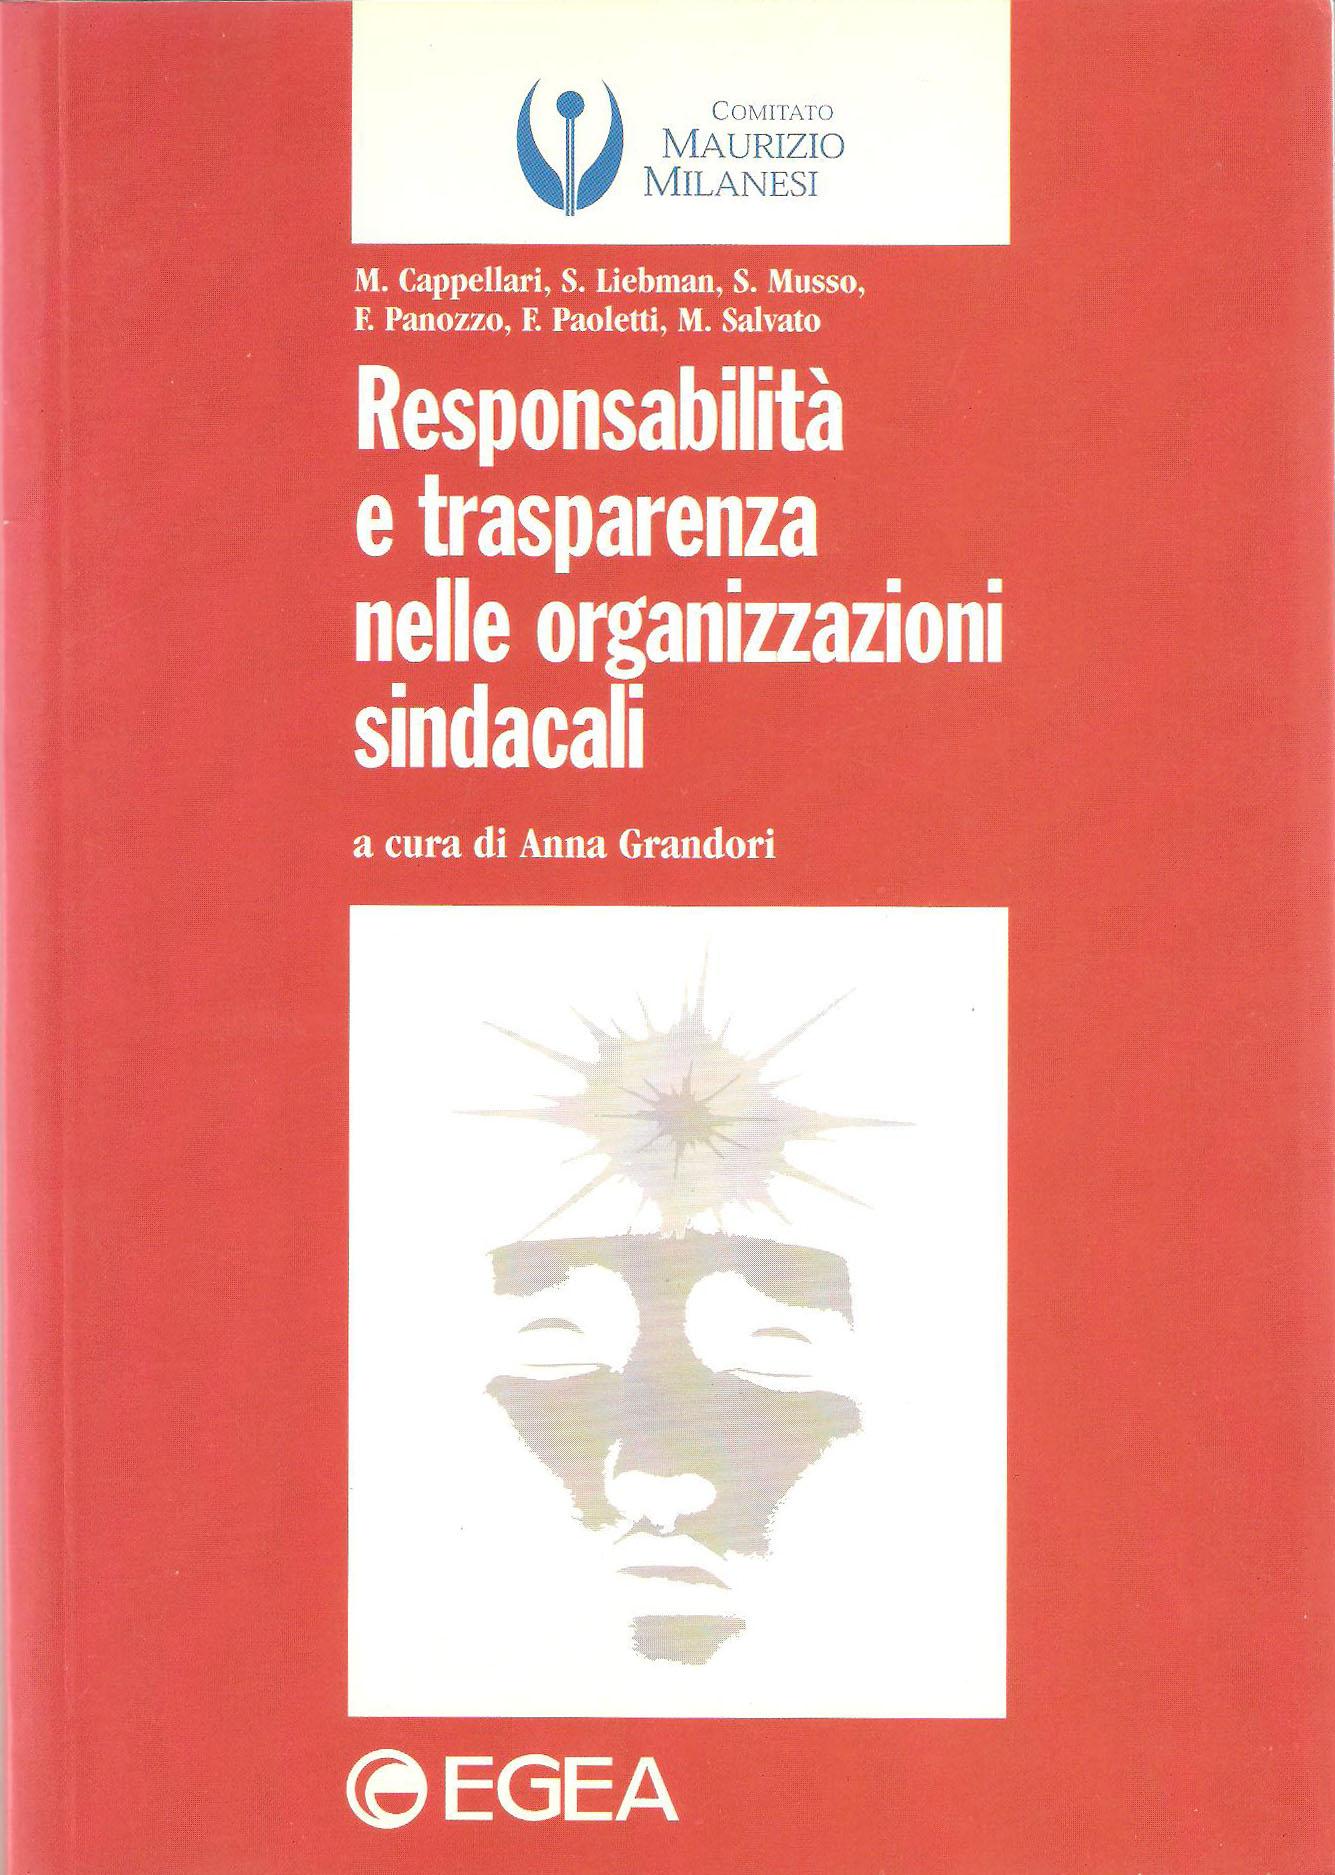 Responsabilità e trasparenza nelle organizzazioni sindacali